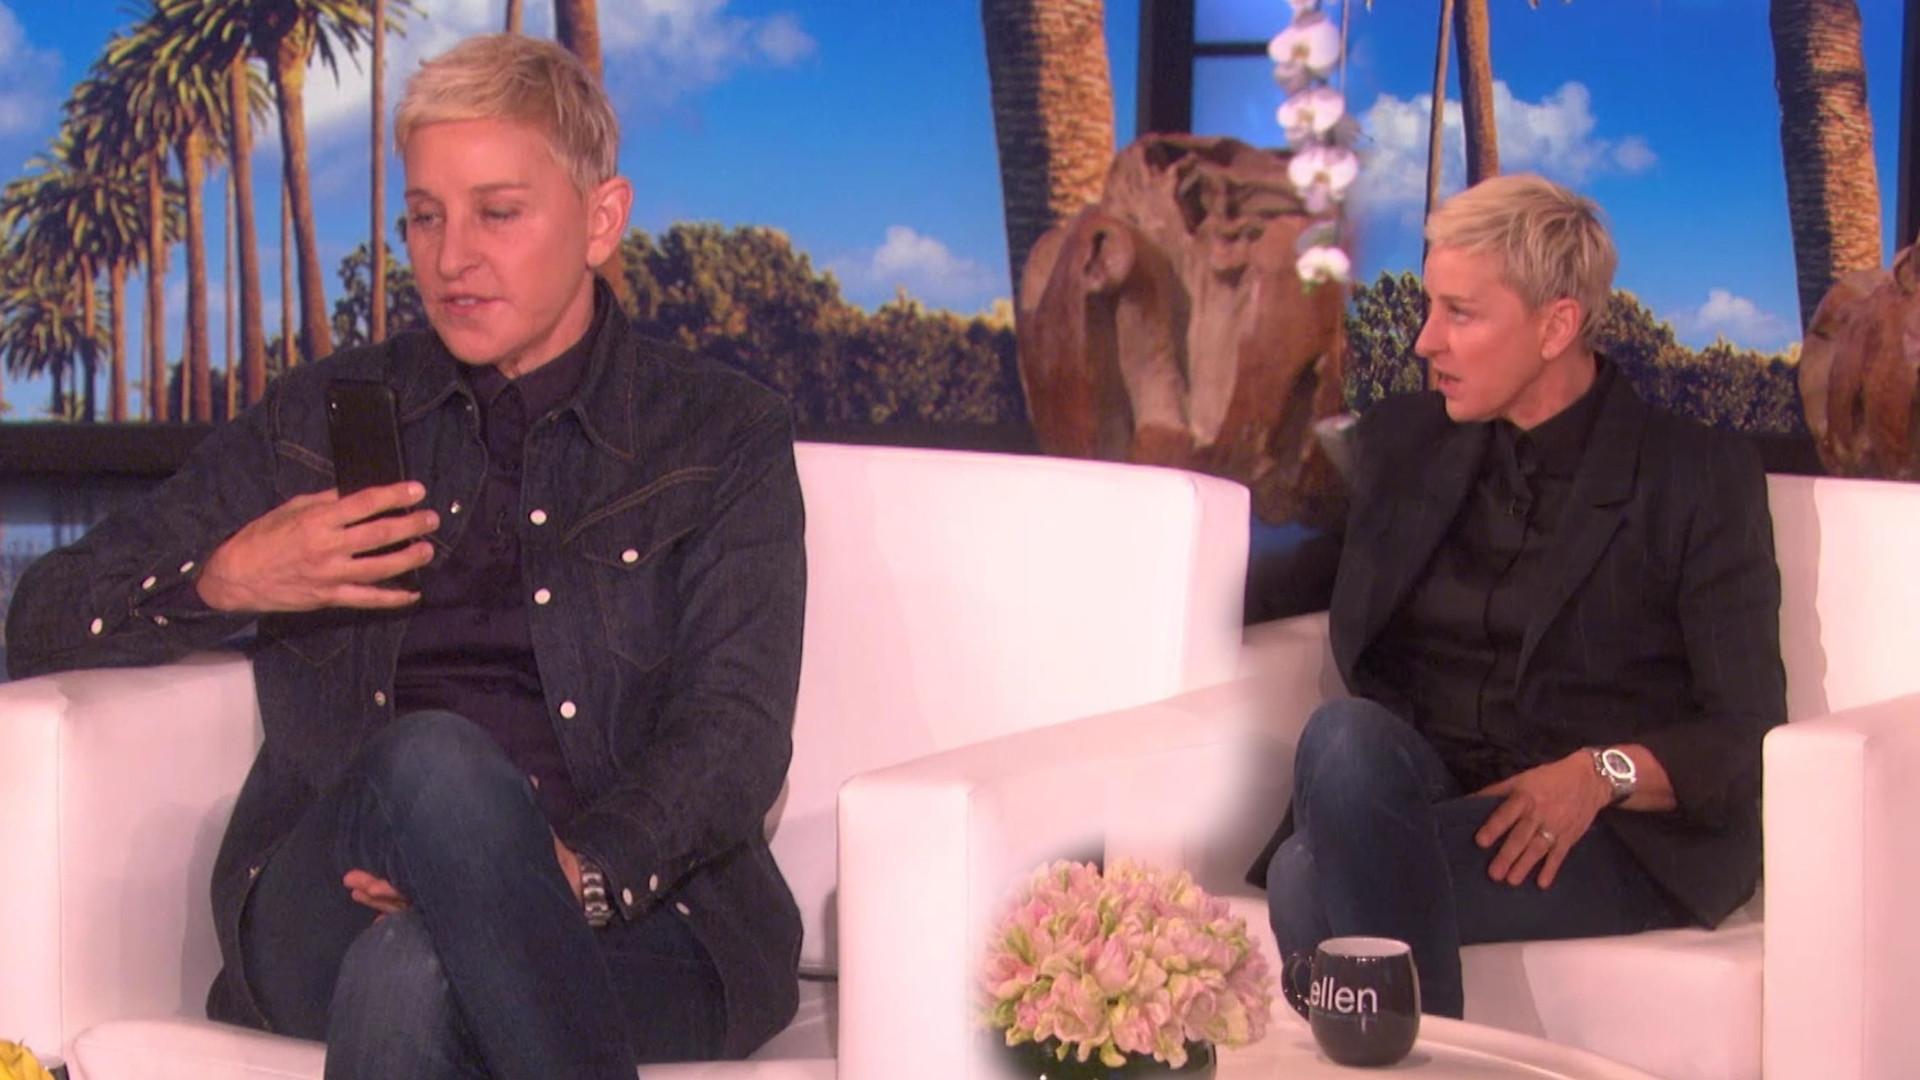 Afera z Ellen DeGeneres w roli głównej. Dziennikarka kombinuje za plecami pracowników?